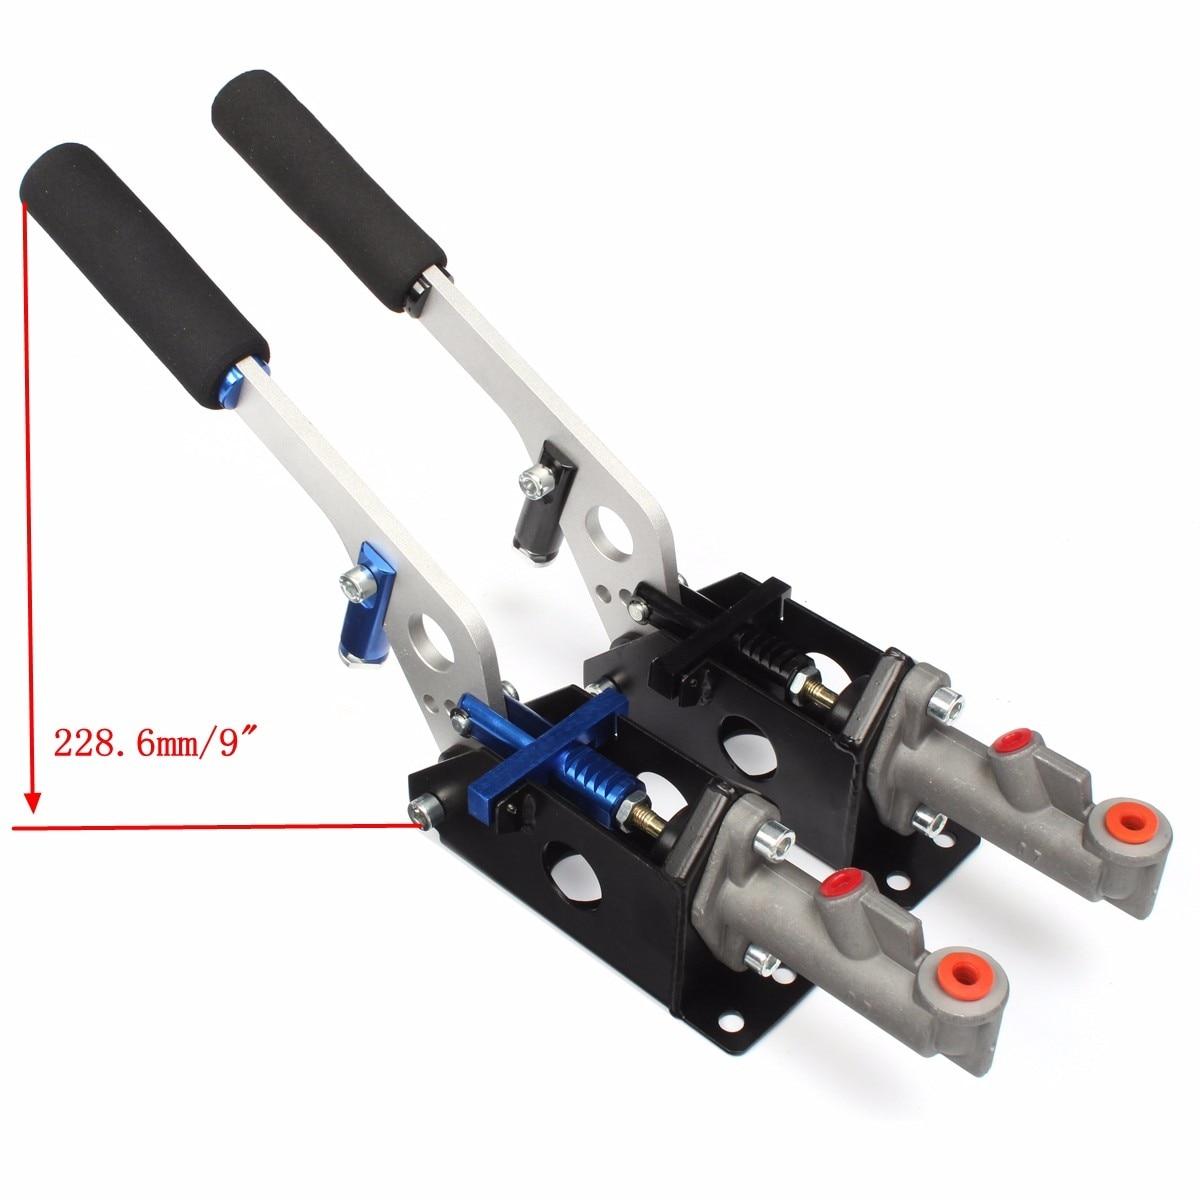 Accessoires auto universel hydraulique Horizontal course dérive frein à main main E frein Parking frein levier - 4